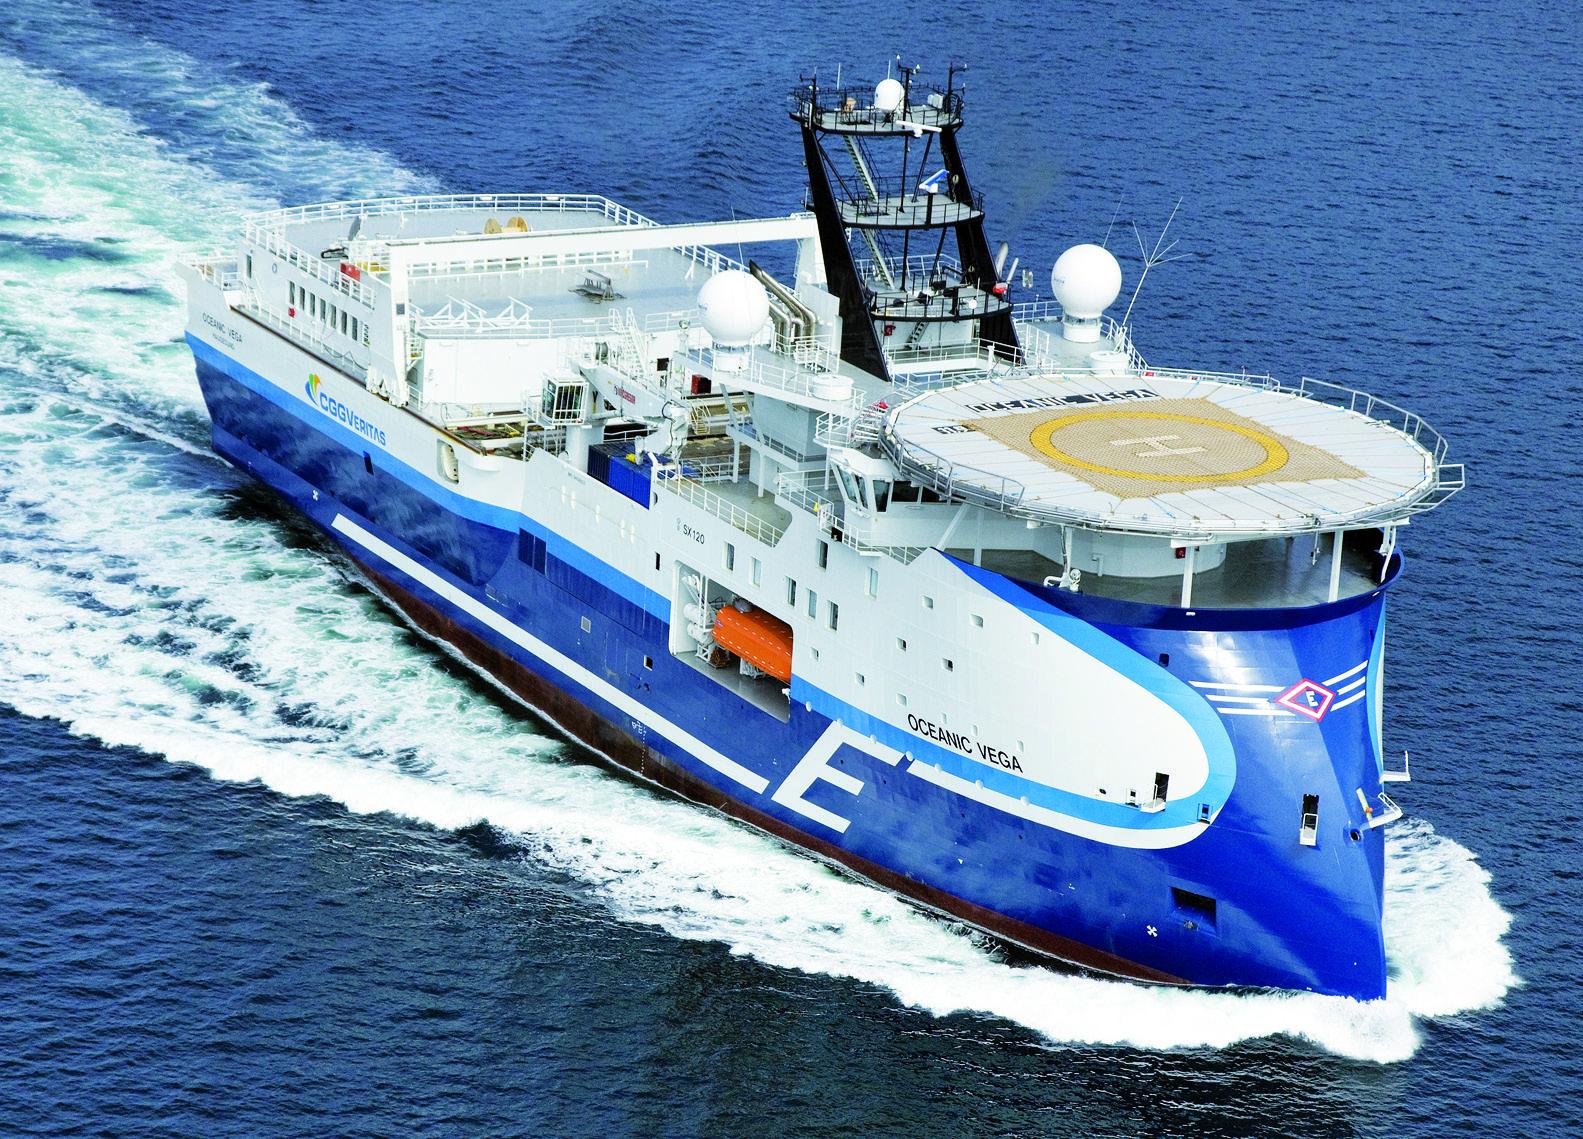 Seismic Ship OCEANIC VEGA